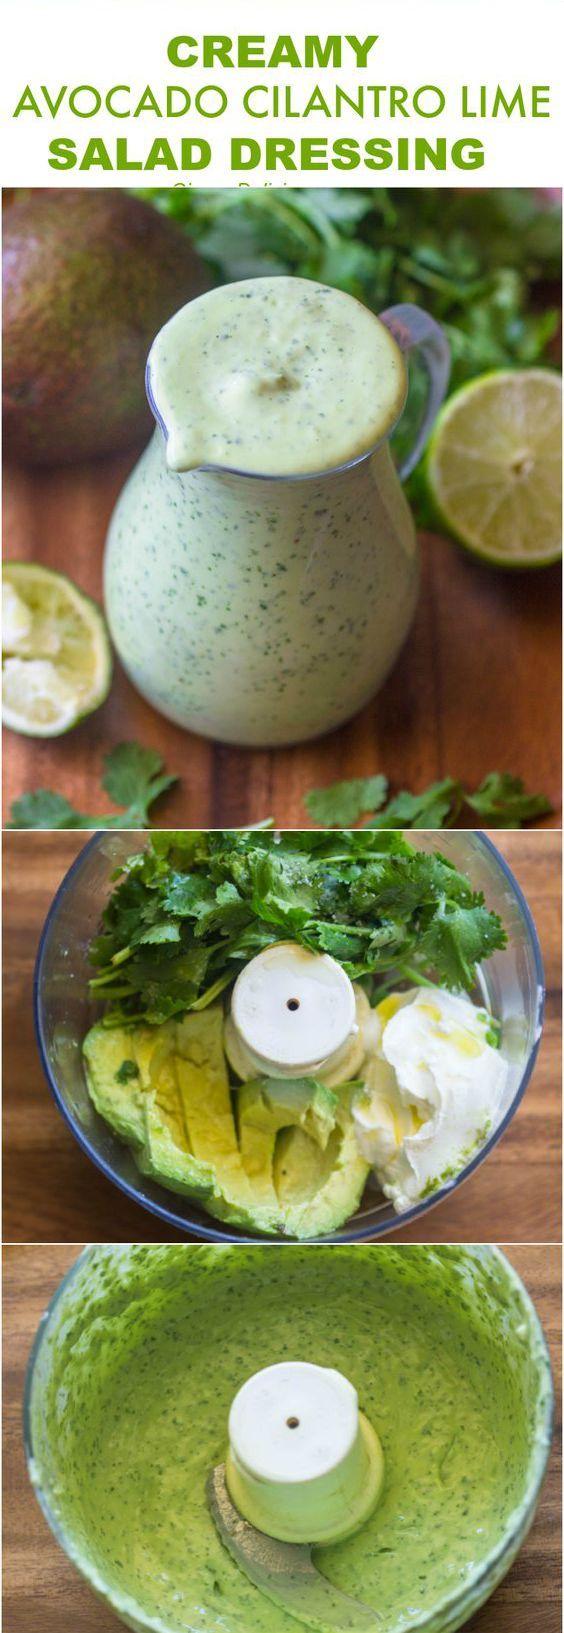 Healthy Creamy Avocado Cilantro Lime Dressing Healthy Recipes - food, healthy, recipes